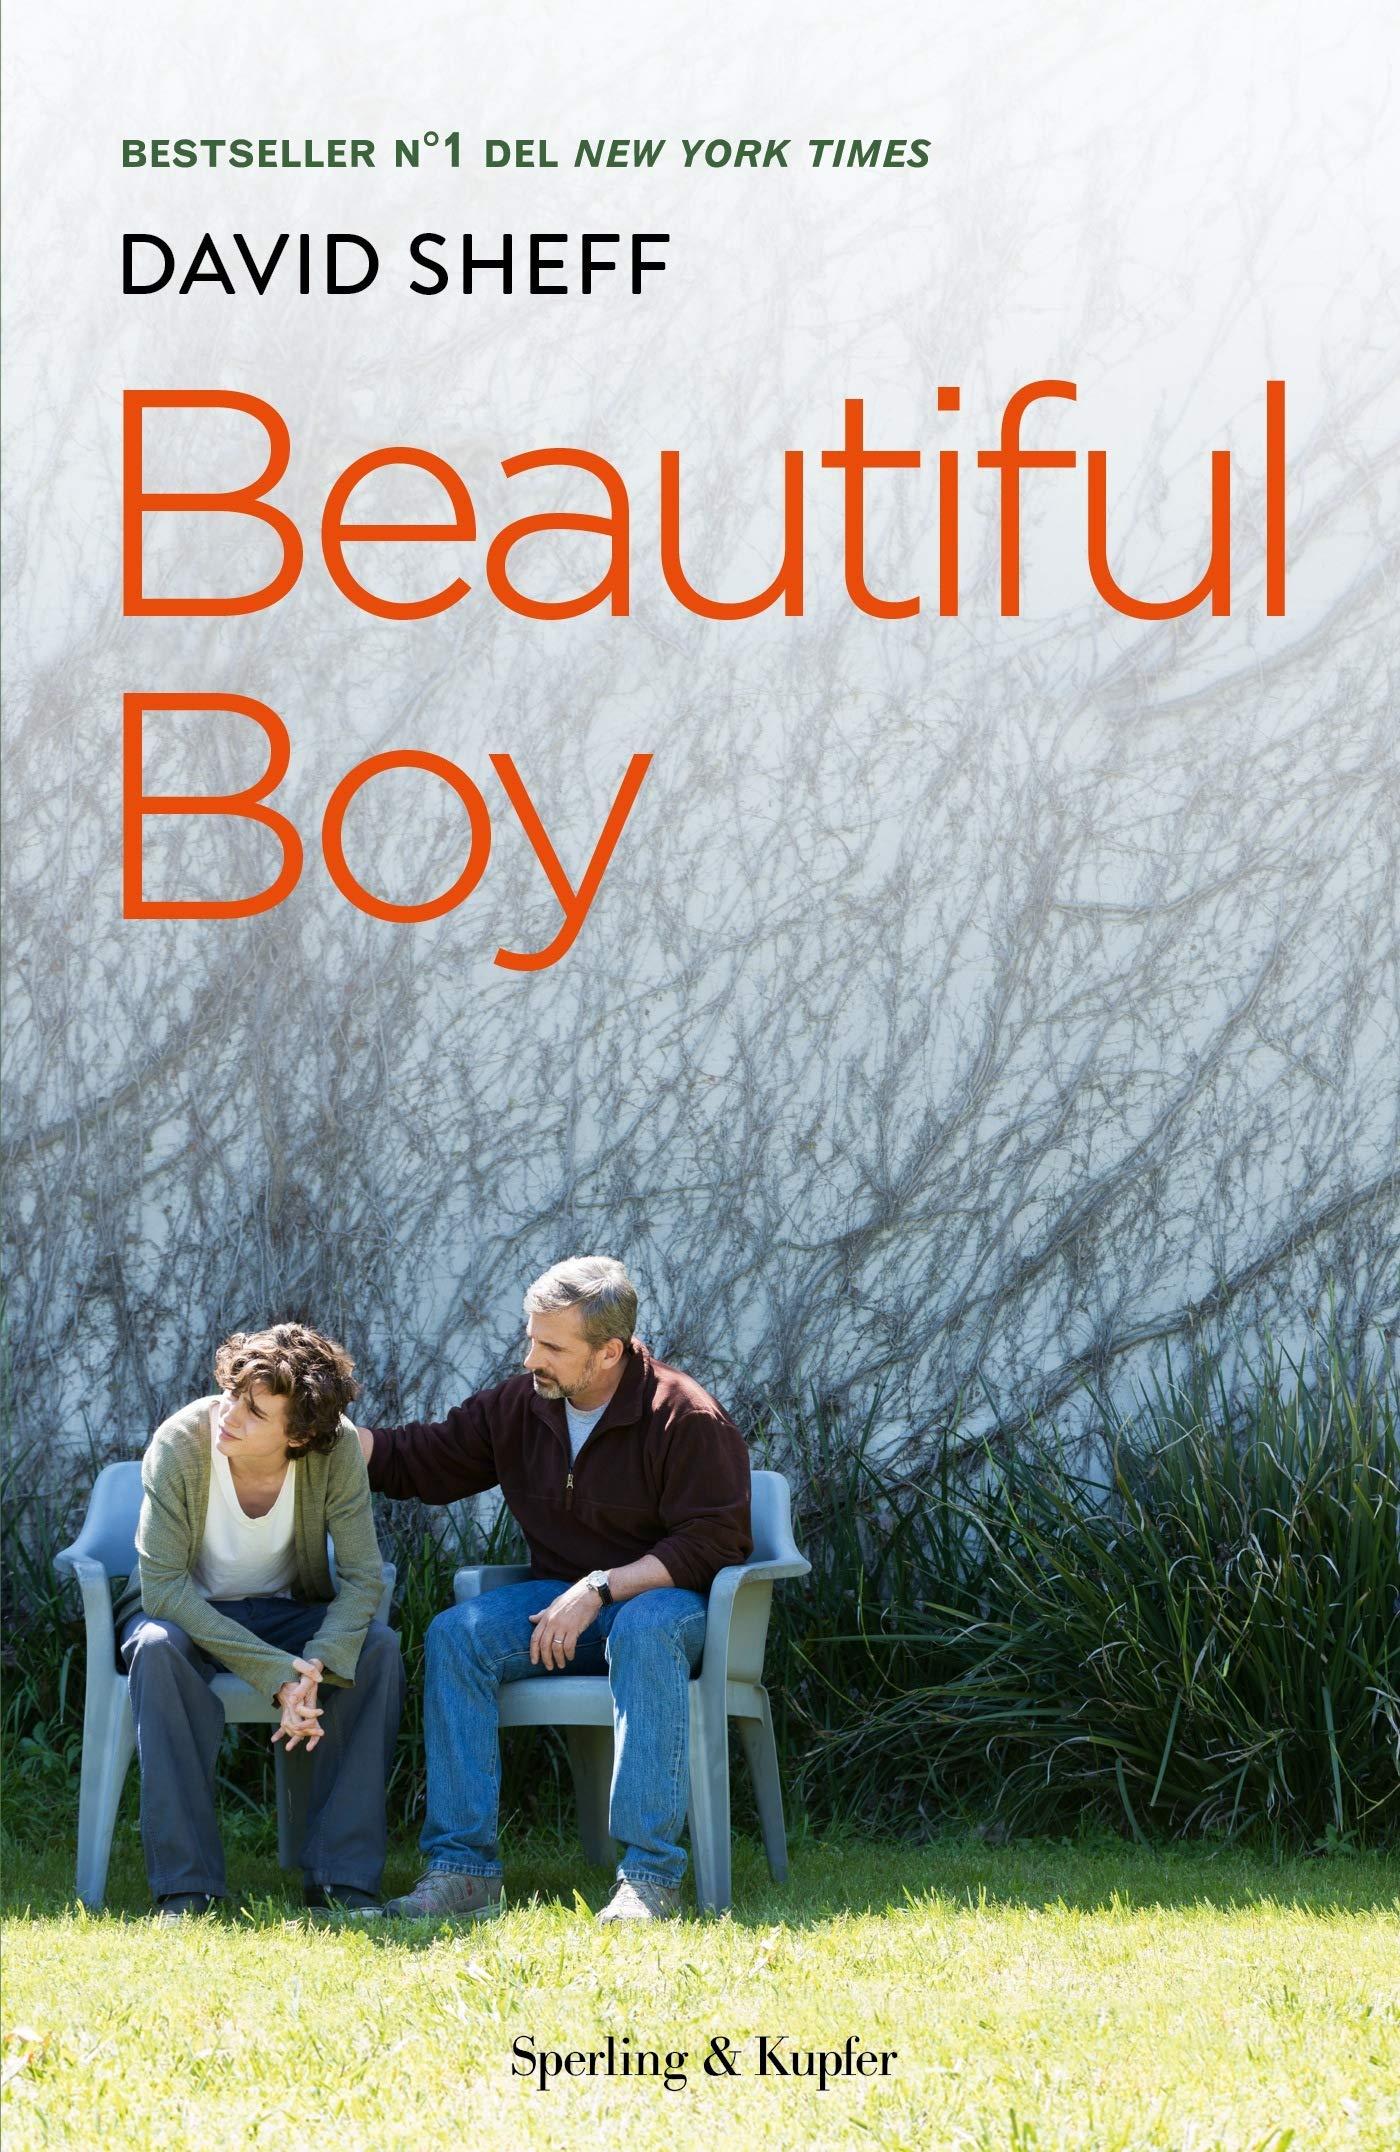 Recensione di Beautiful Boy – David Sheff